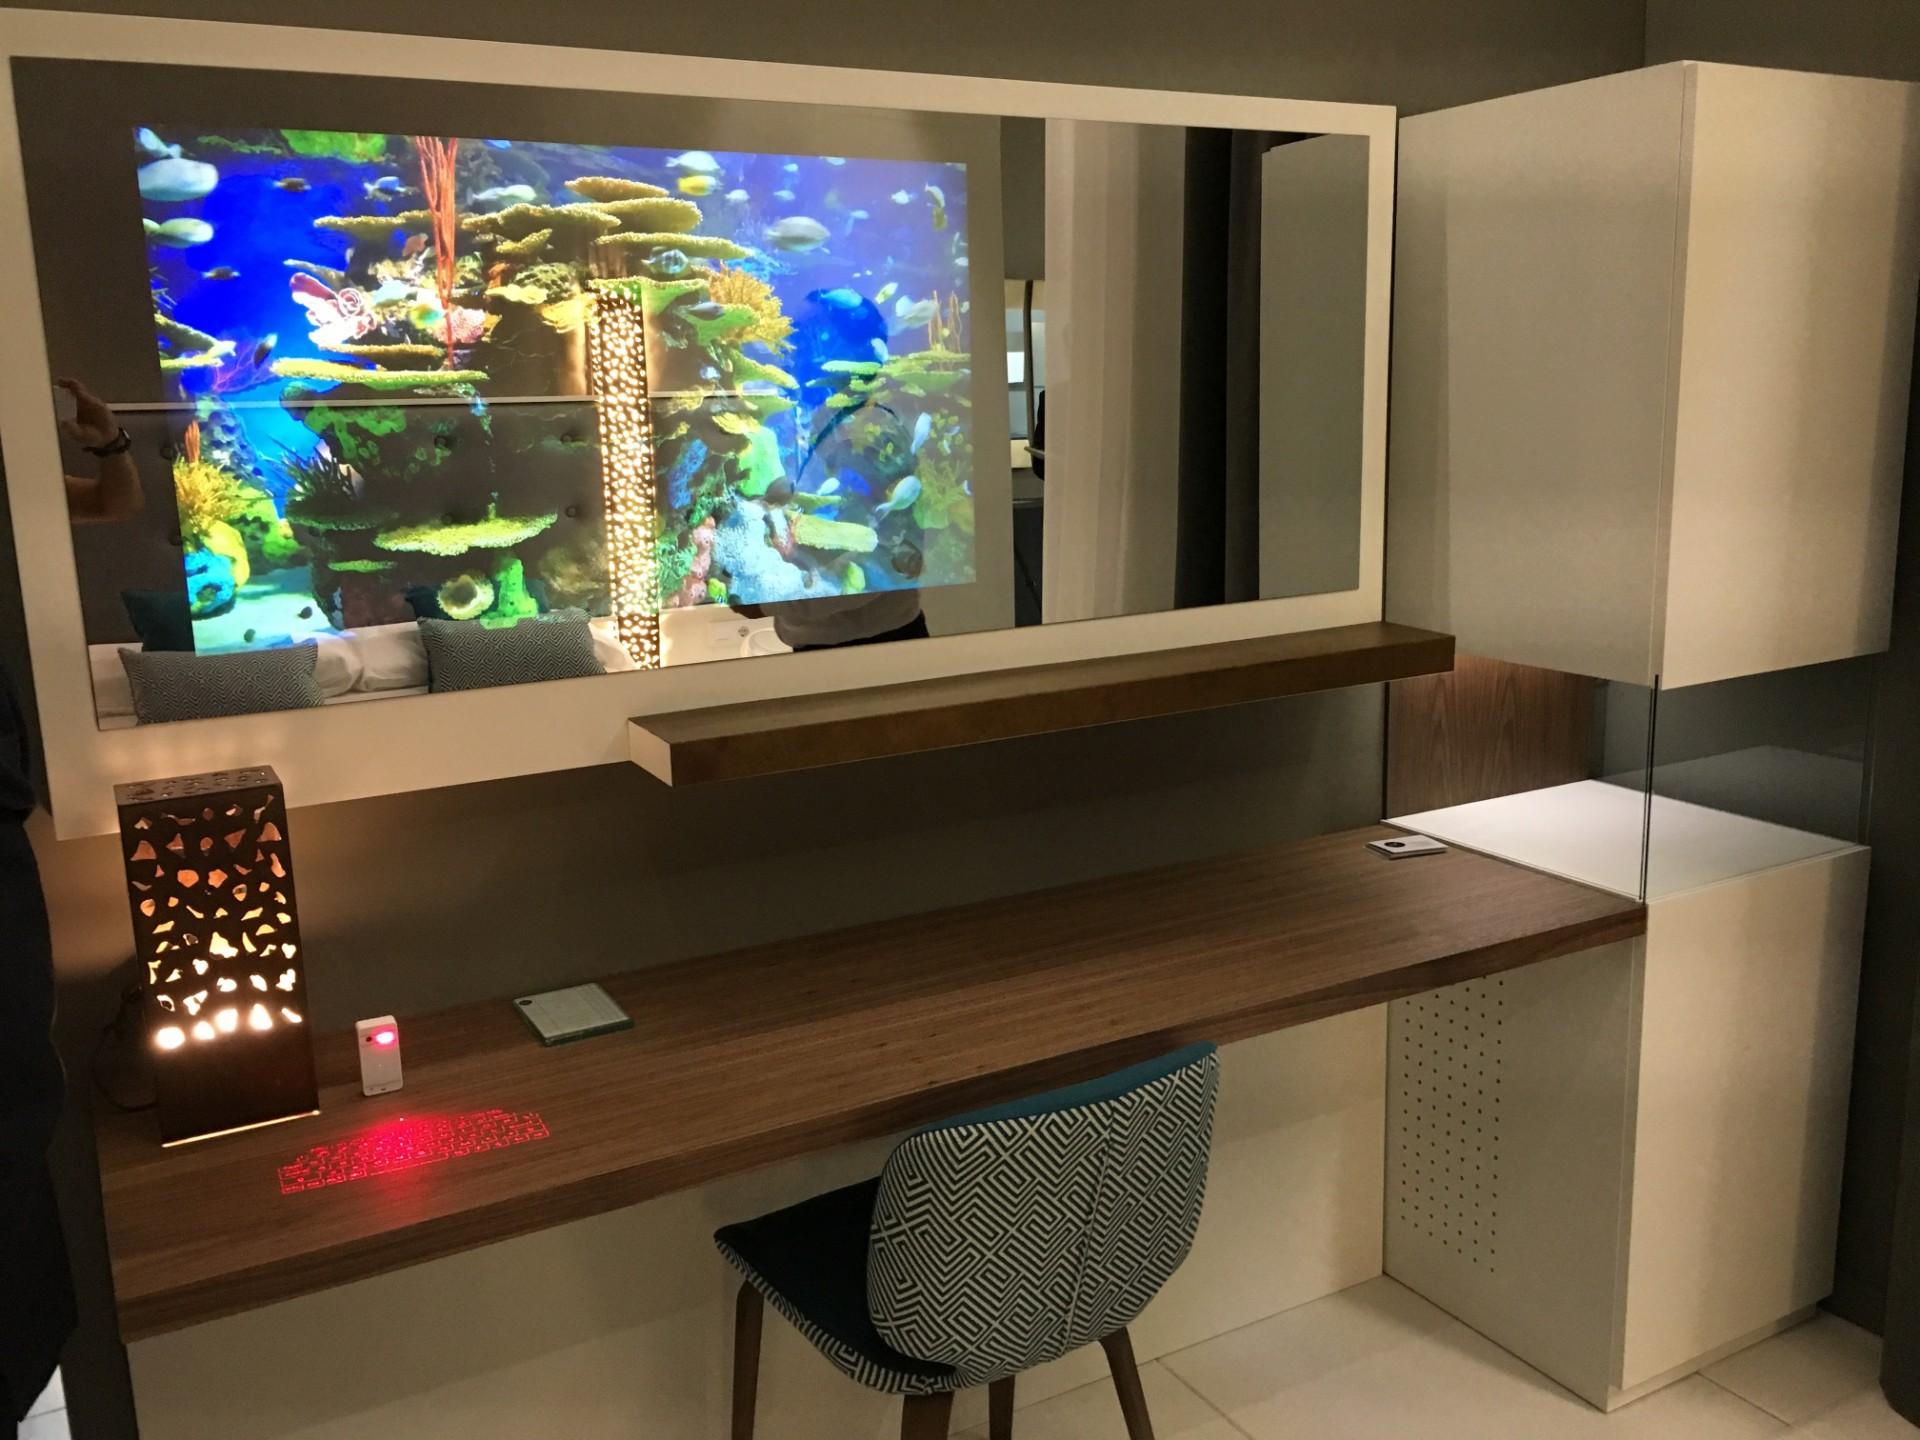 feria-habitat-valencia-2018-interiorismo-interiores-mobiliario-muebles-8